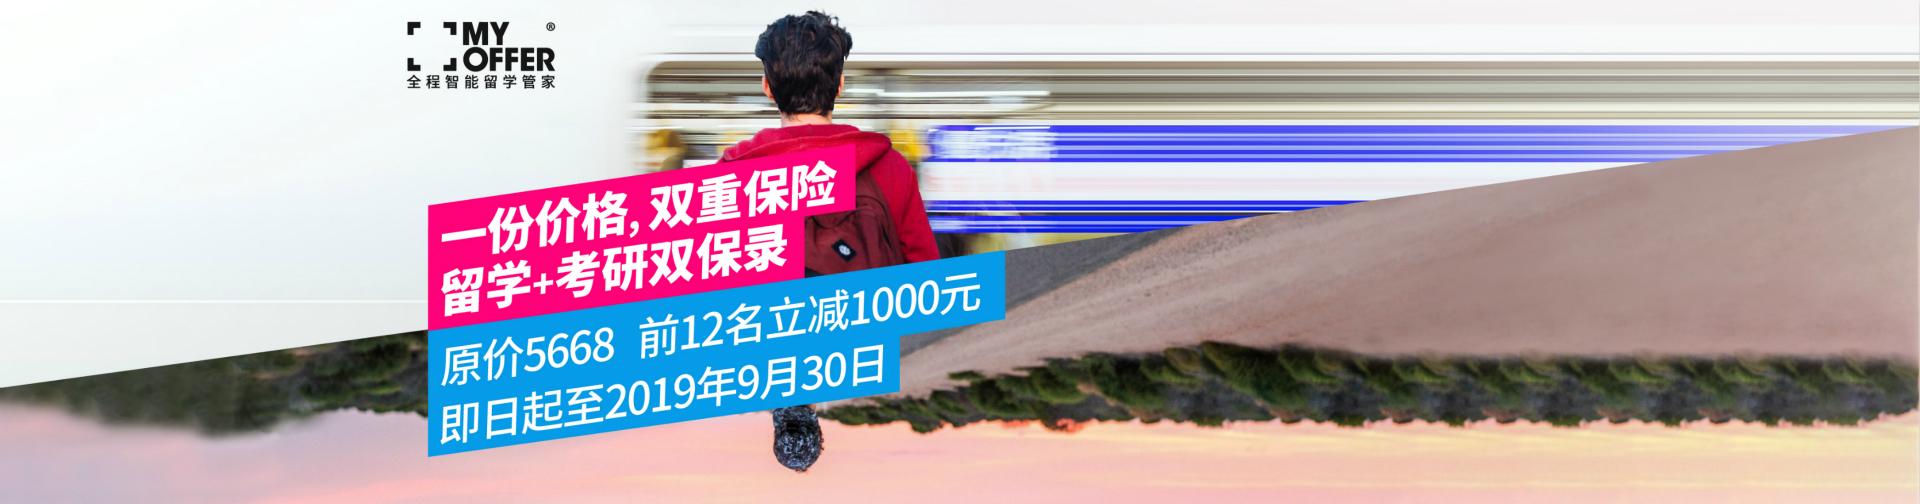 http://myoffer-public.oss-cn-shenzhen.aliyuncs.com/banners/5053d2fb54dc42ae64ca04d99eea3145-685142-1920x504.jpeg